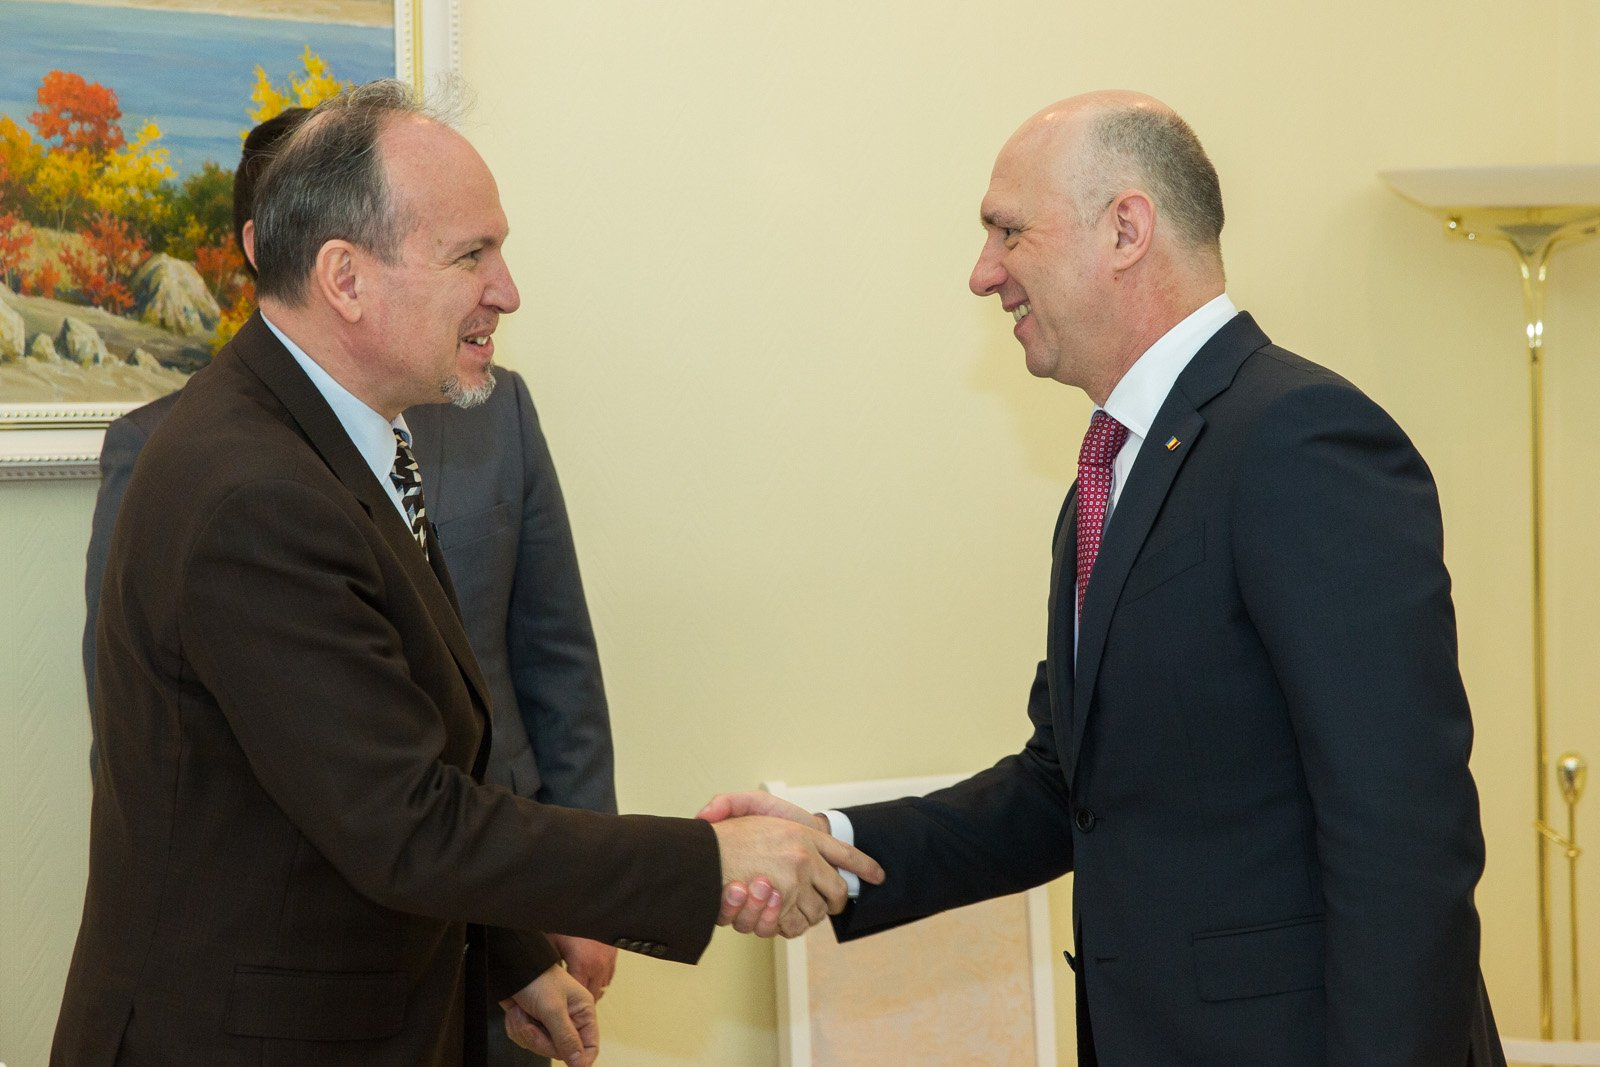 Позиция Додона неповлияет намолдо-румынские отношения— Филип